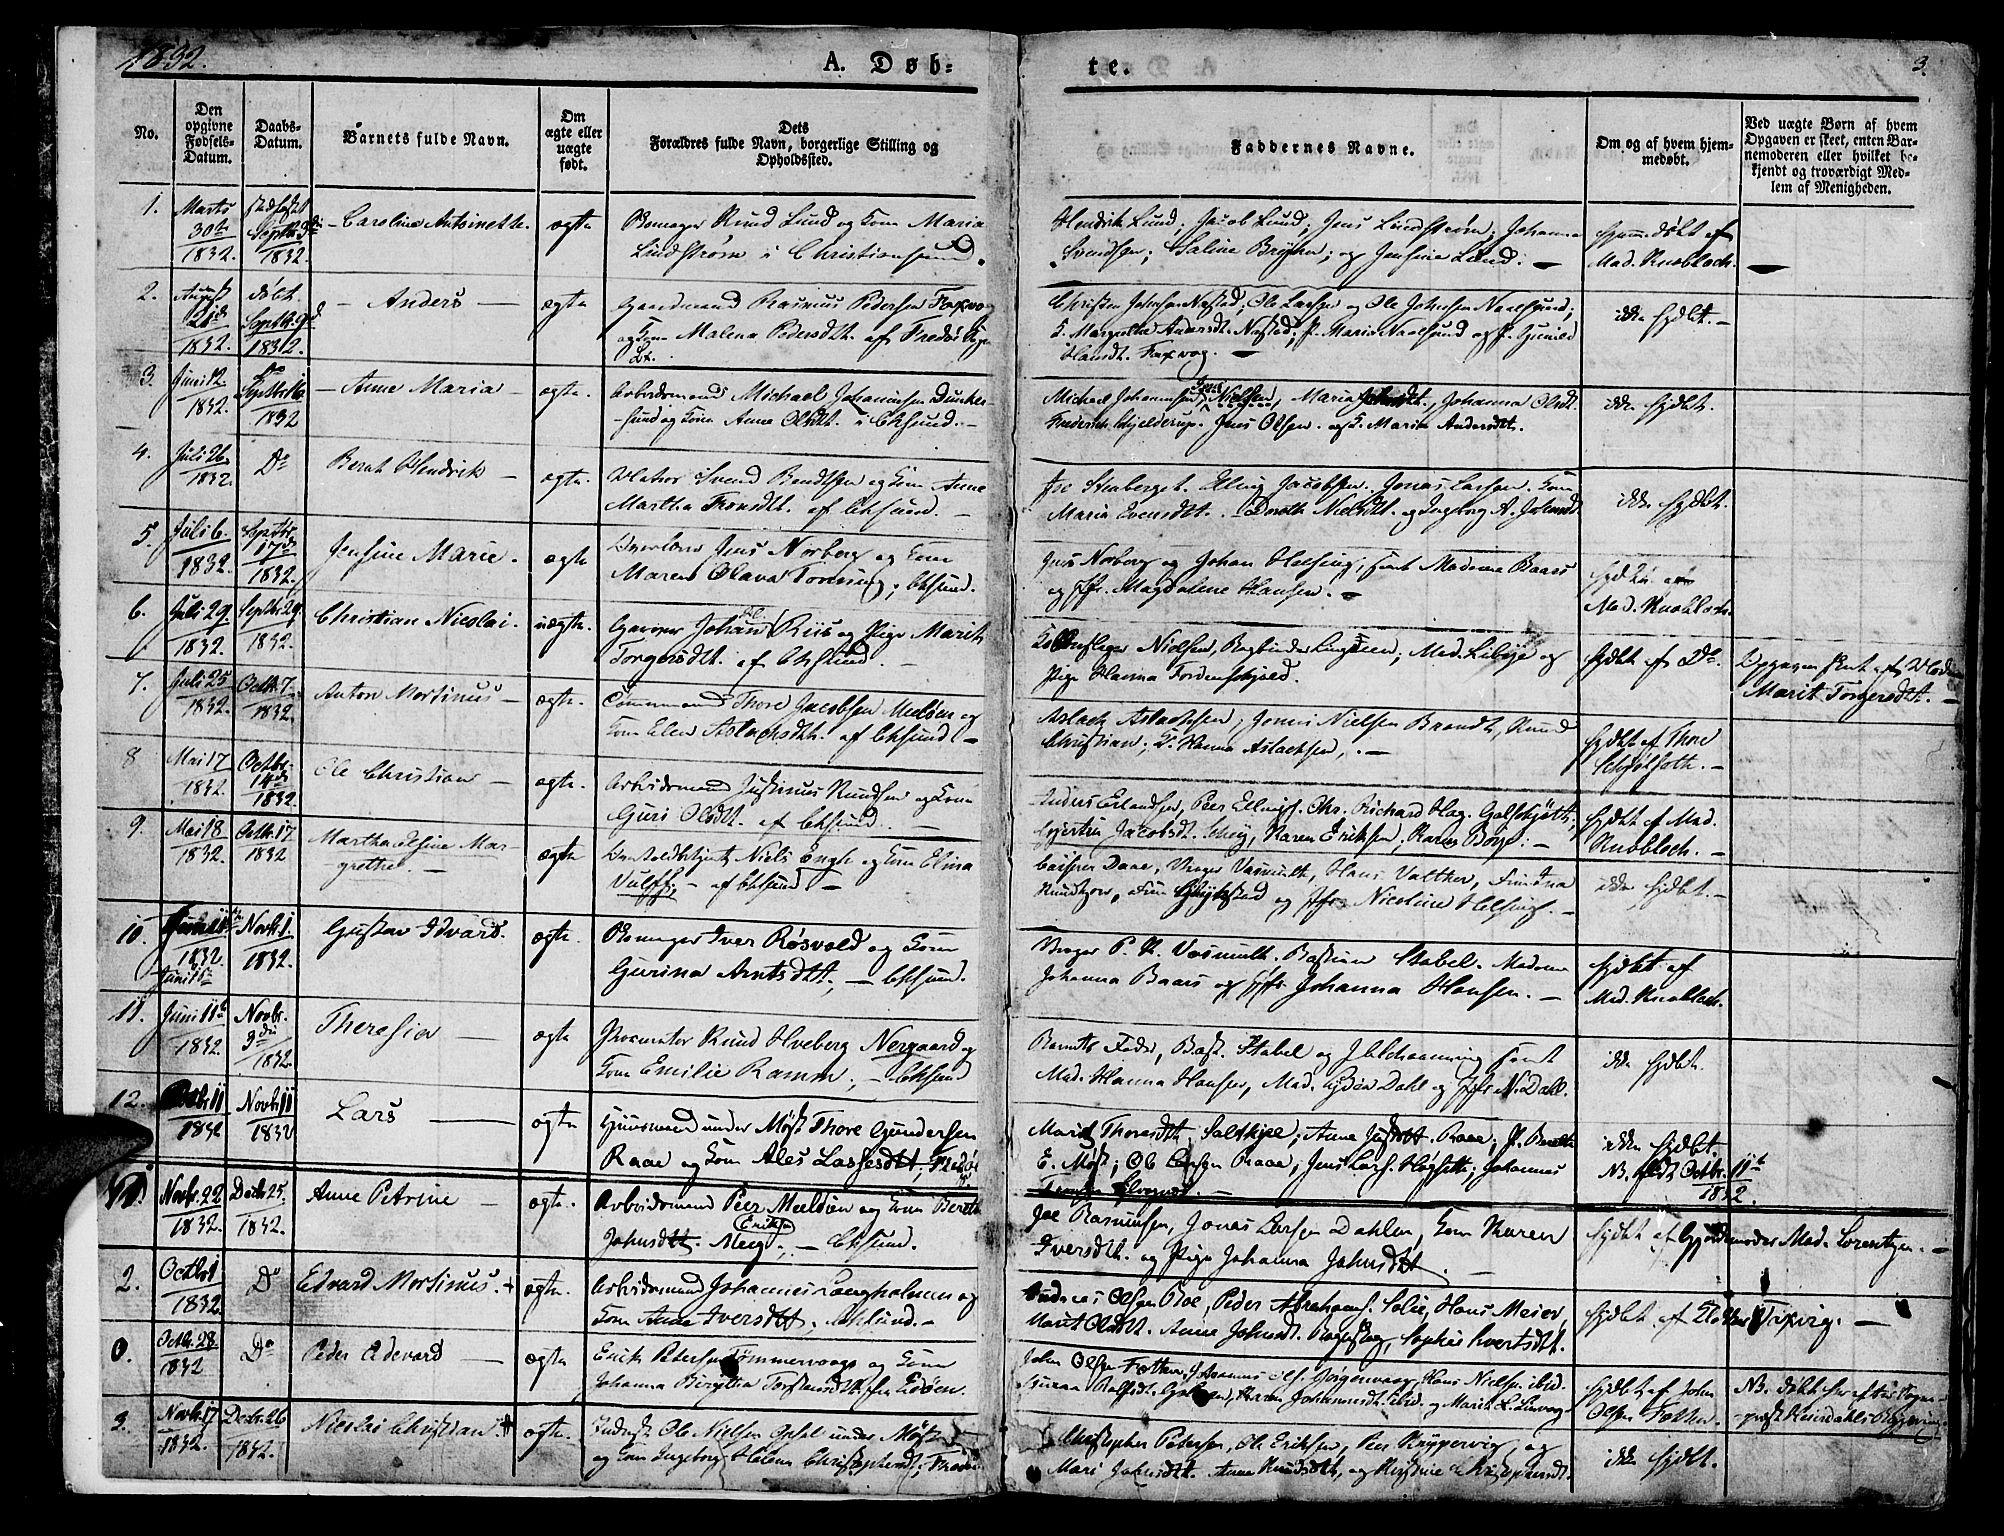 SAT, Ministerialprotokoller, klokkerbøker og fødselsregistre - Møre og Romsdal, 572/L0843: Ministerialbok nr. 572A06, 1832-1842, s. 3